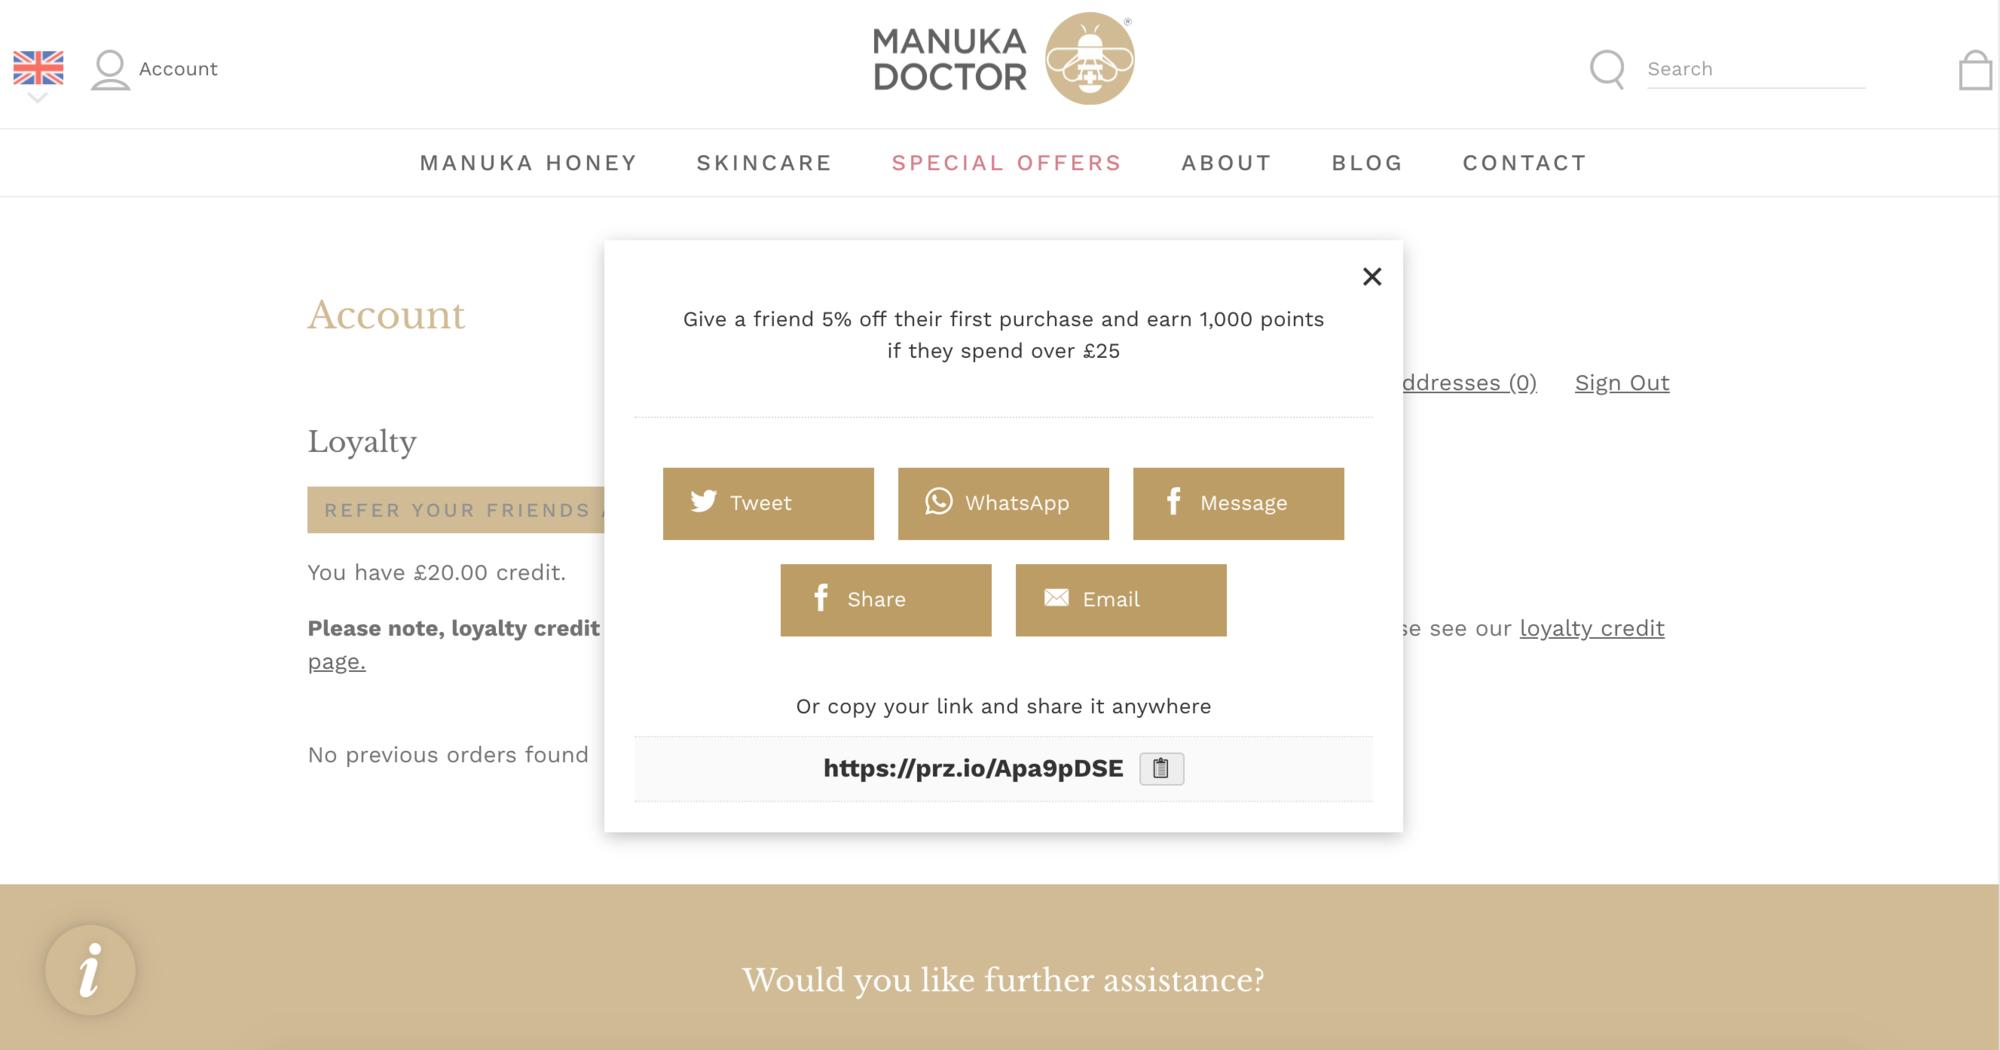 Manuka Honey Referrals